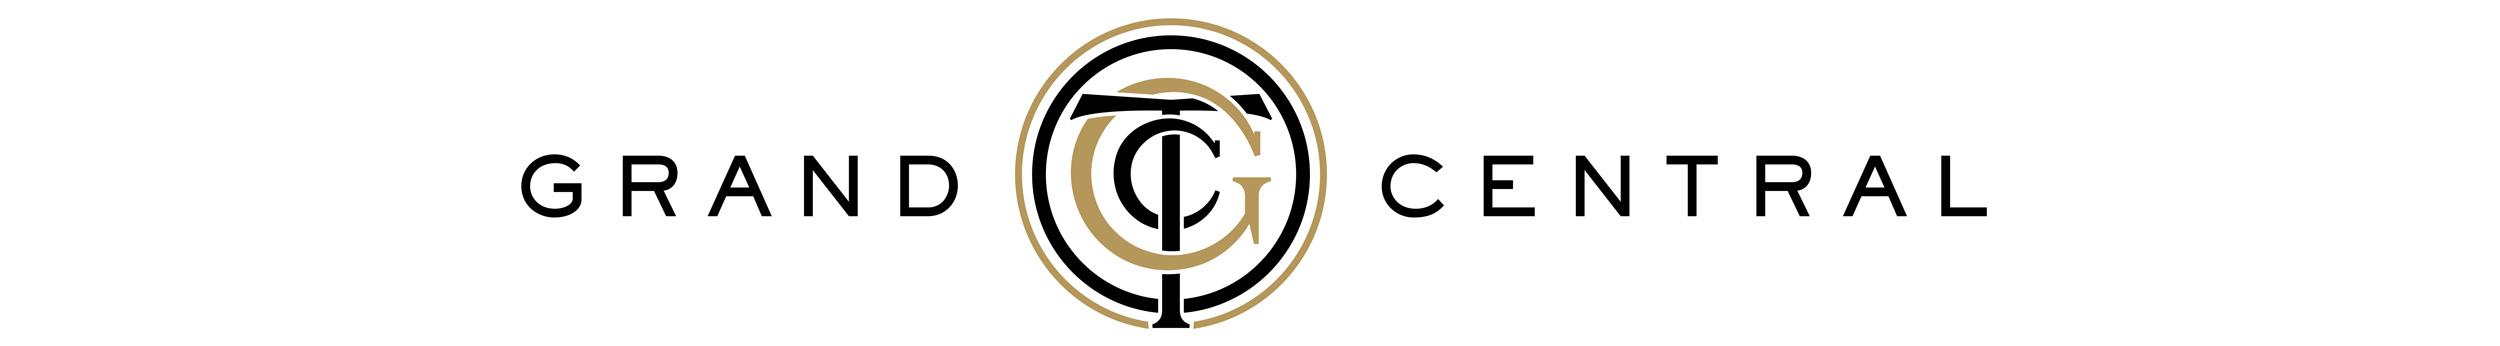 branding_grandcentral_logo.jpg